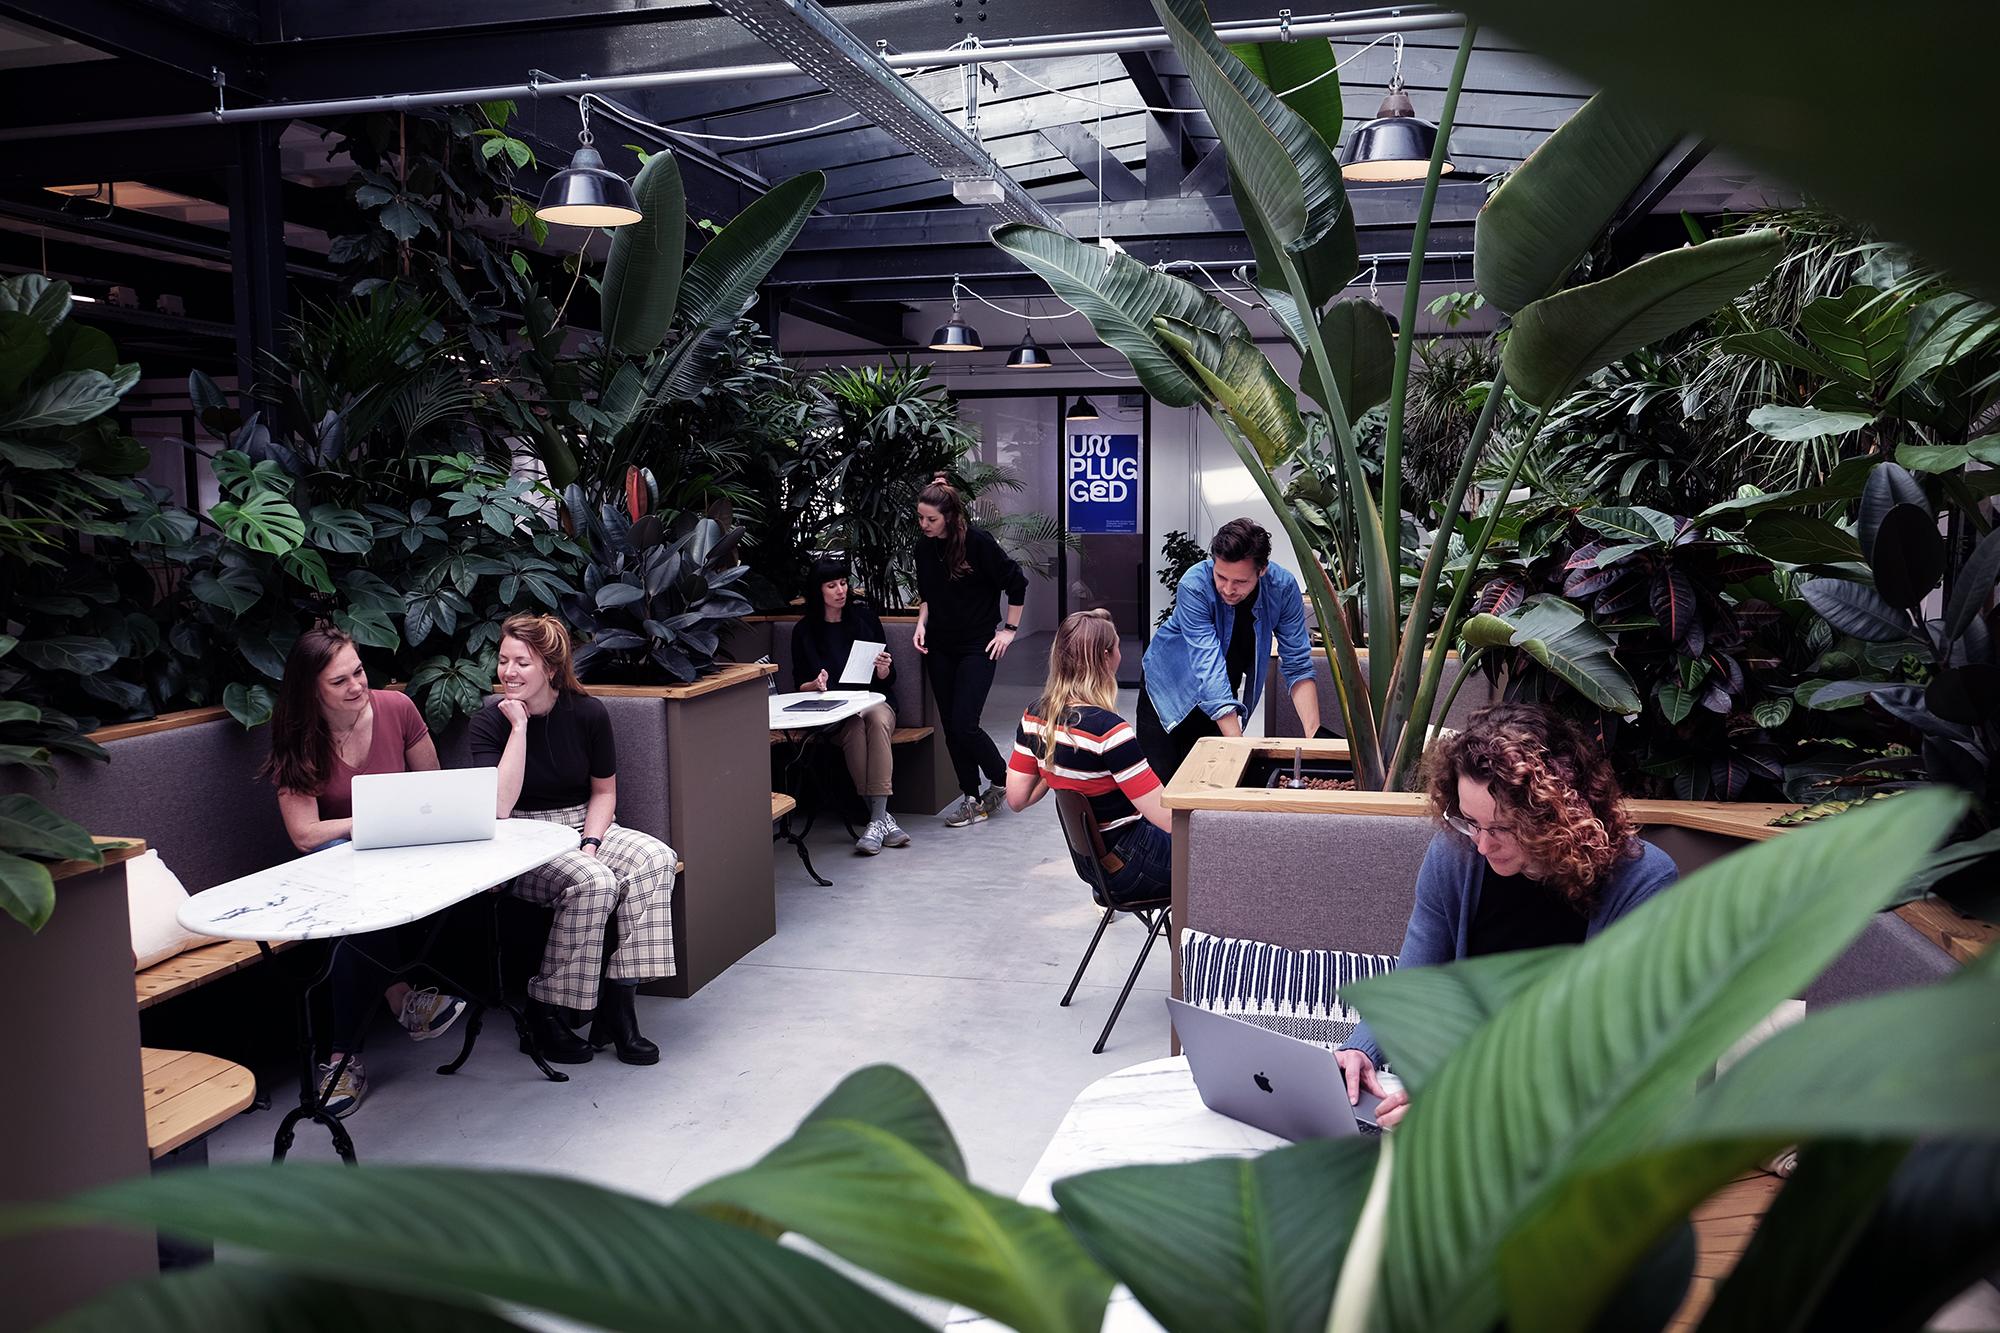 Unplugged - Kantoor met zitjes en planten